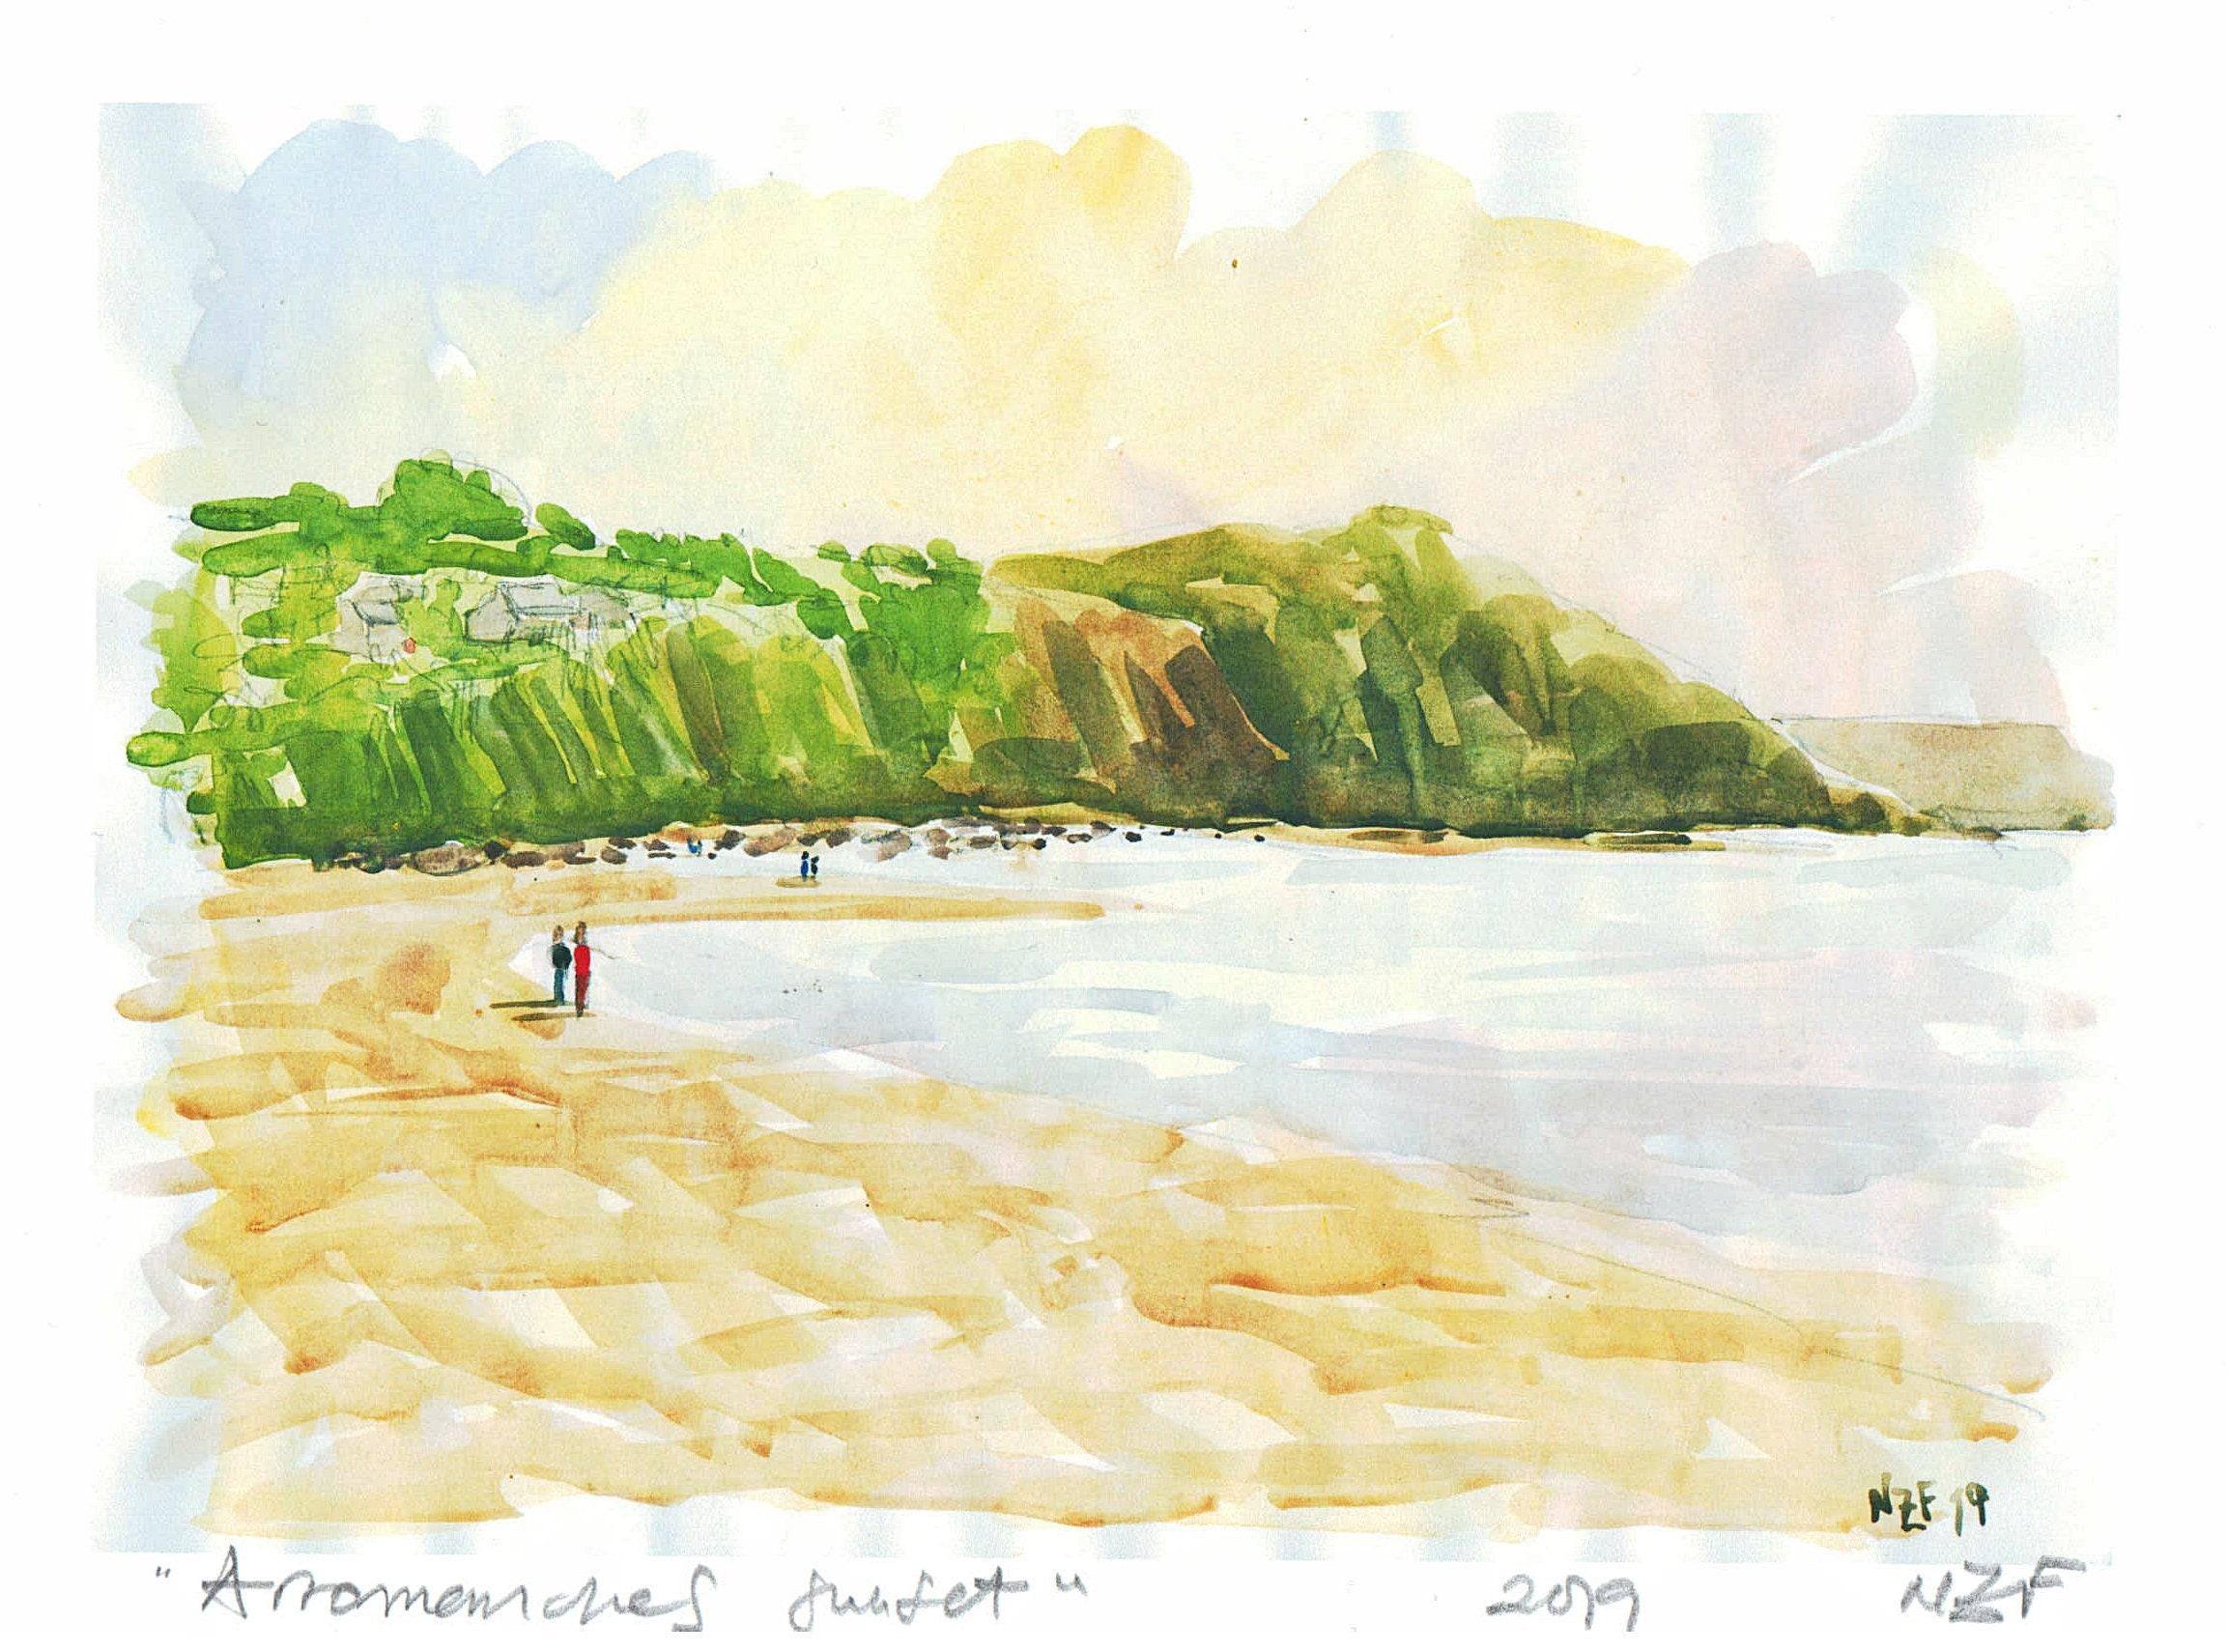 Australian  sunset beach ocean art landscape print photograph 900mm x 600mm